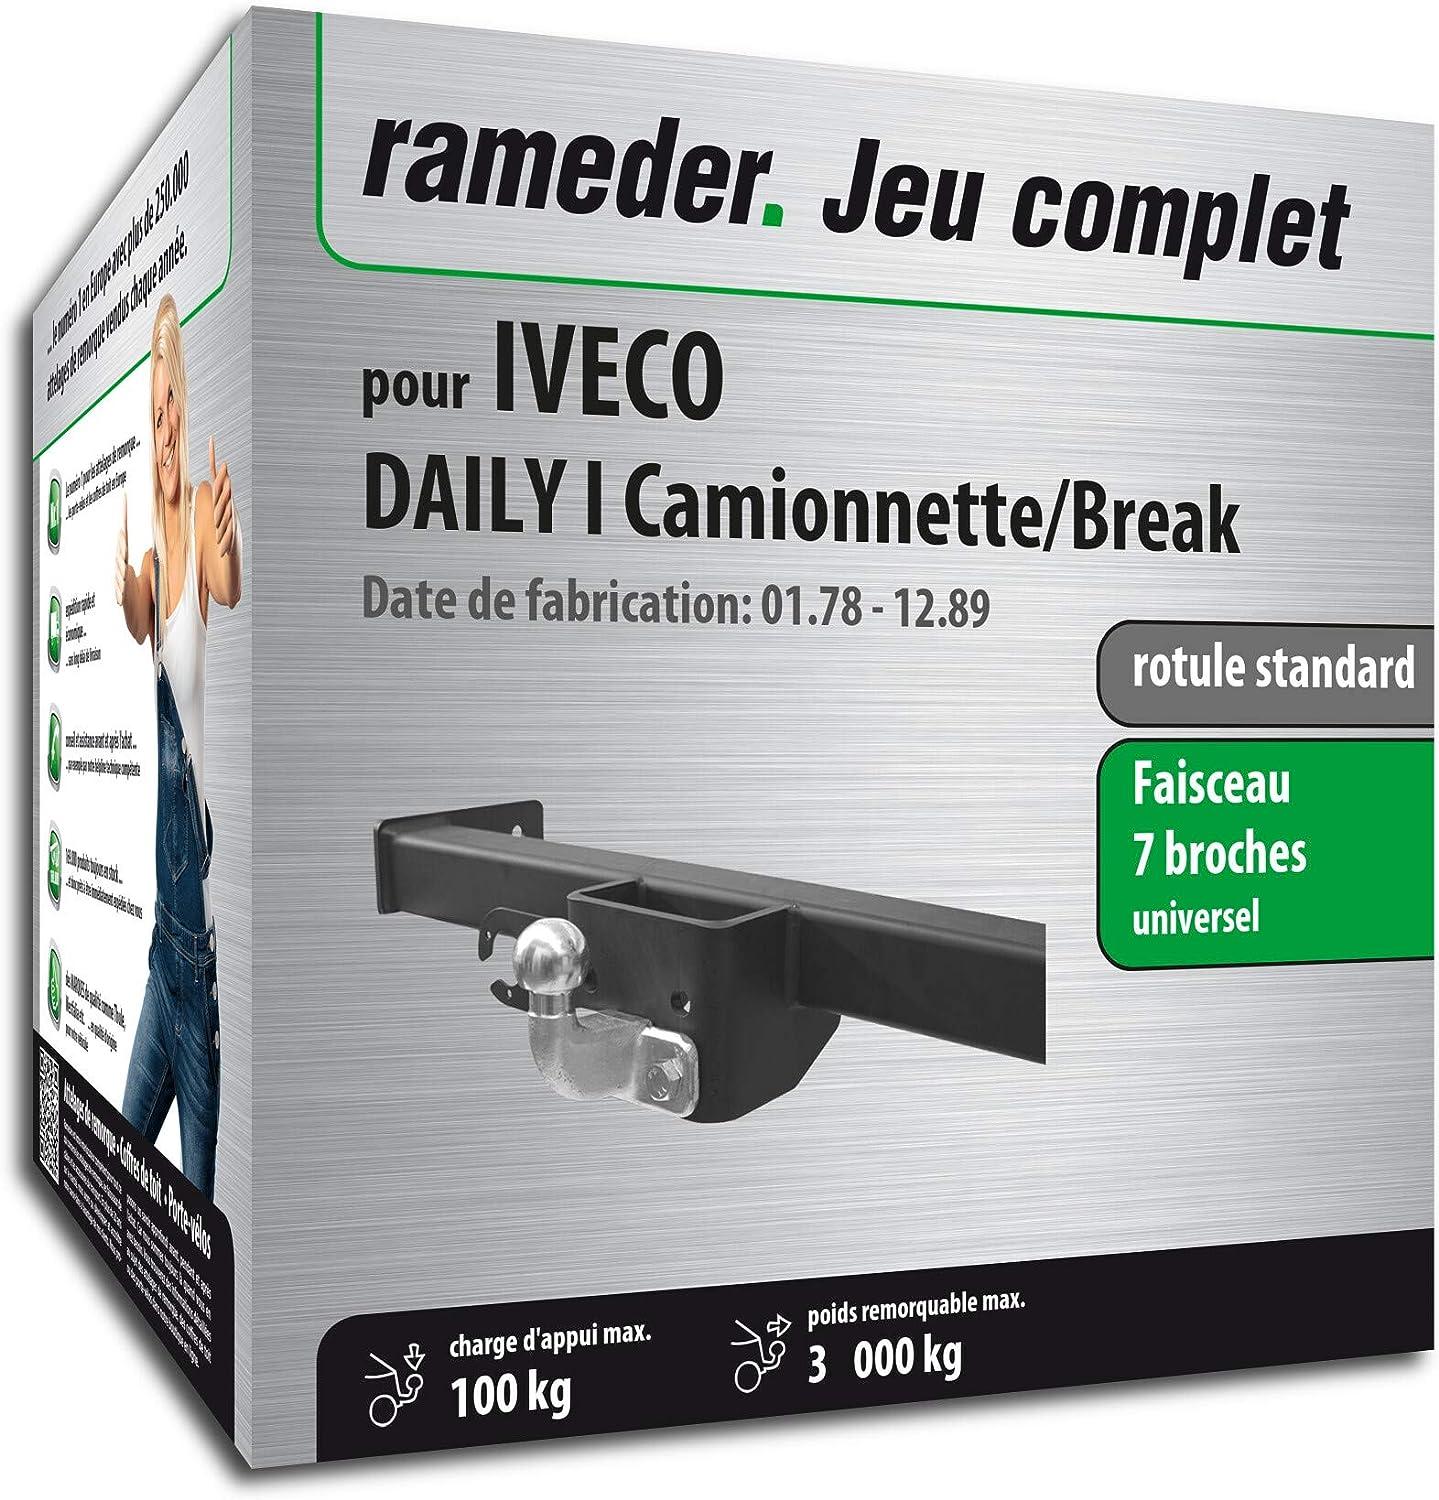 129519-09520-6-FR Rameder Pack attelage rotule Standard 2 Trous pour IVECO Daily I Camionnette//Break Faisceau /électrique 7 Broches